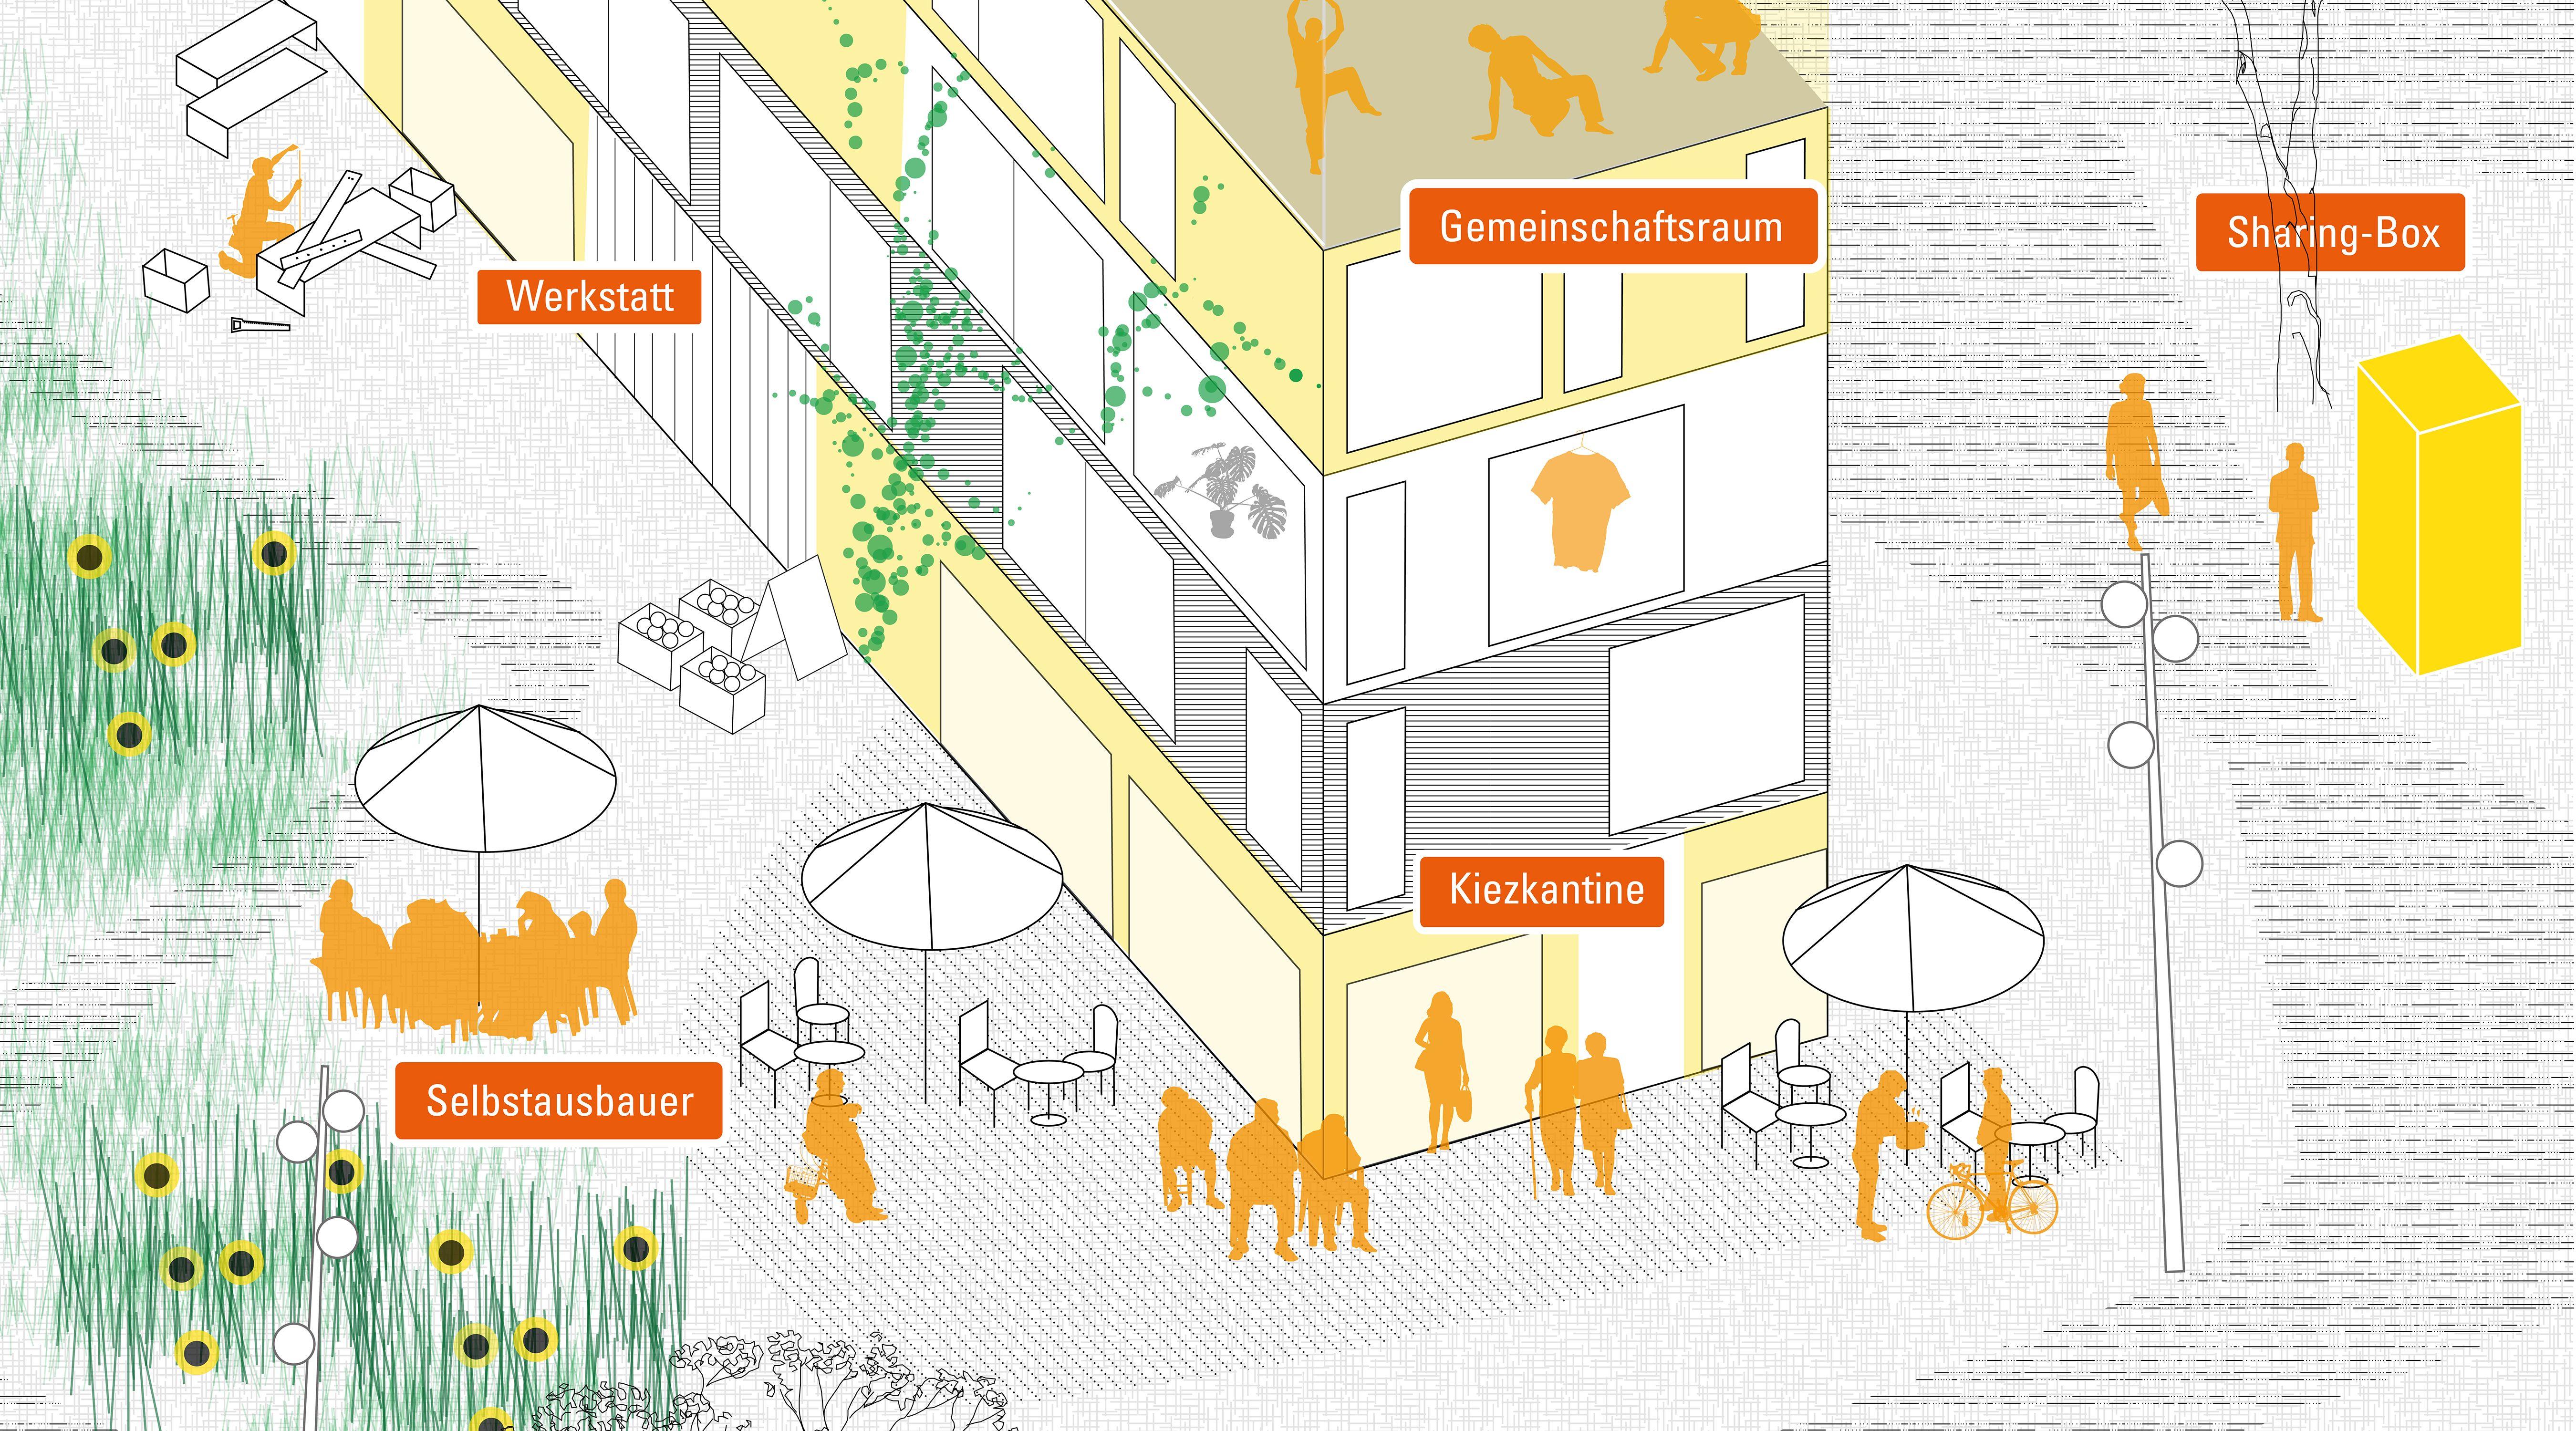 Zukunftslabor Gartenstadt 21 Zwischenstadt MetroGartenstadt Nachkriegssiedlung Transformation